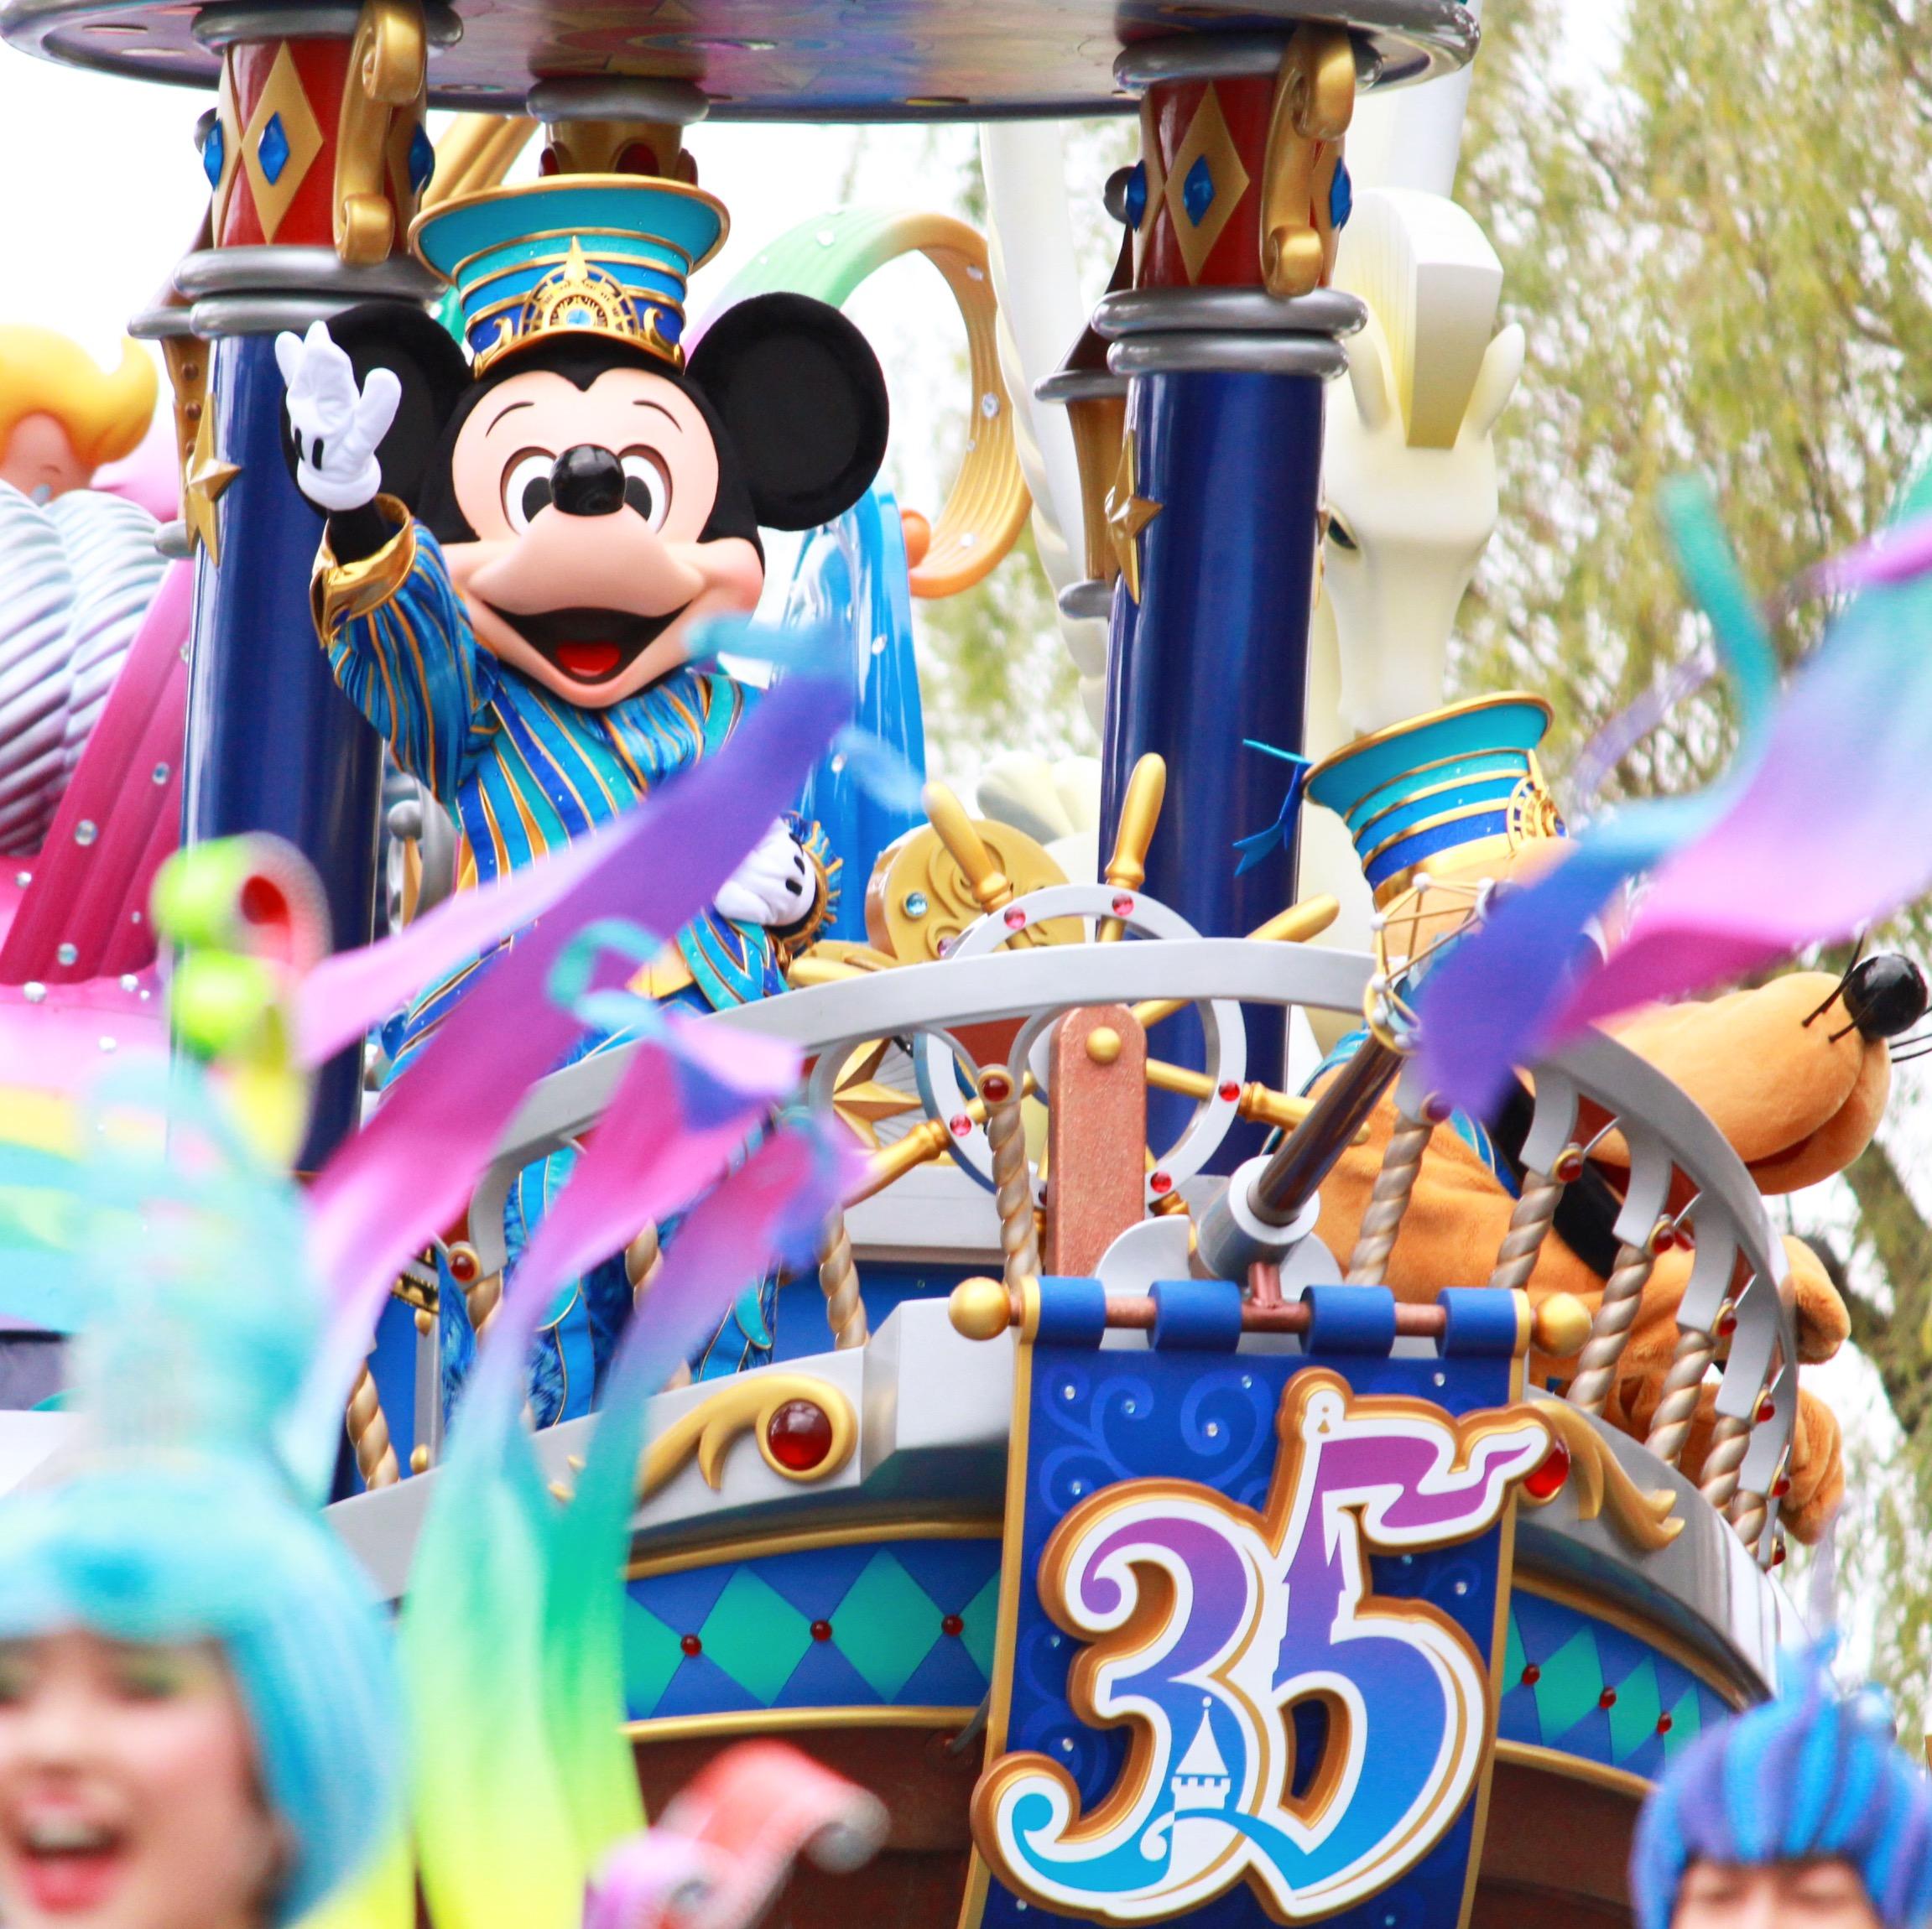 ディズニー3月のショースケジュール詳細!注意点は?